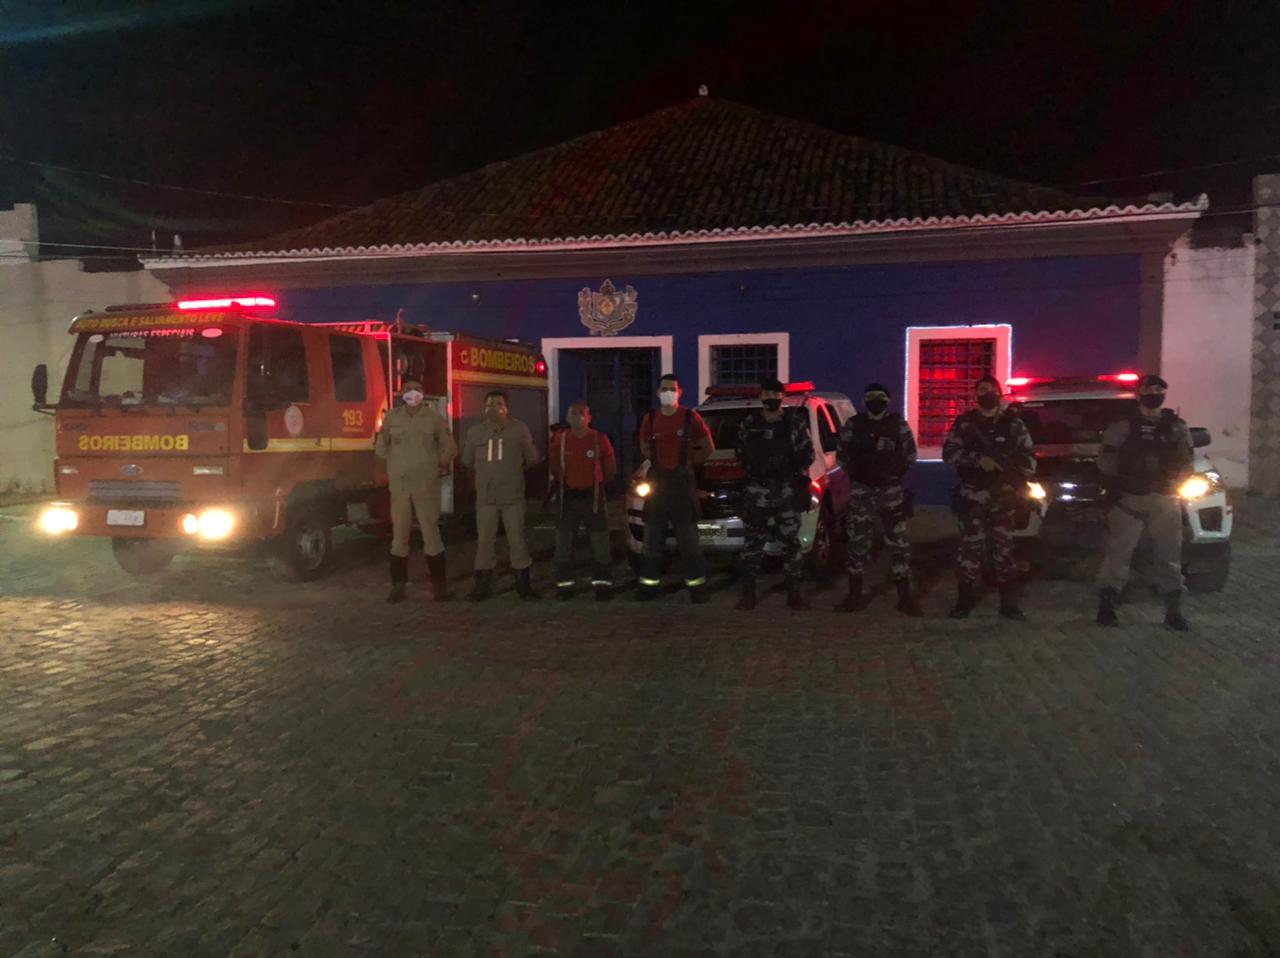 OPERAÇÃO NÔMADE  Ocorreu na noite dessa quarta-feira, 23/04, uma ação integrada entre o Corpo de Bombeiros e a Polícia Militar na cidade de Pombal, denominada Operação Nômade